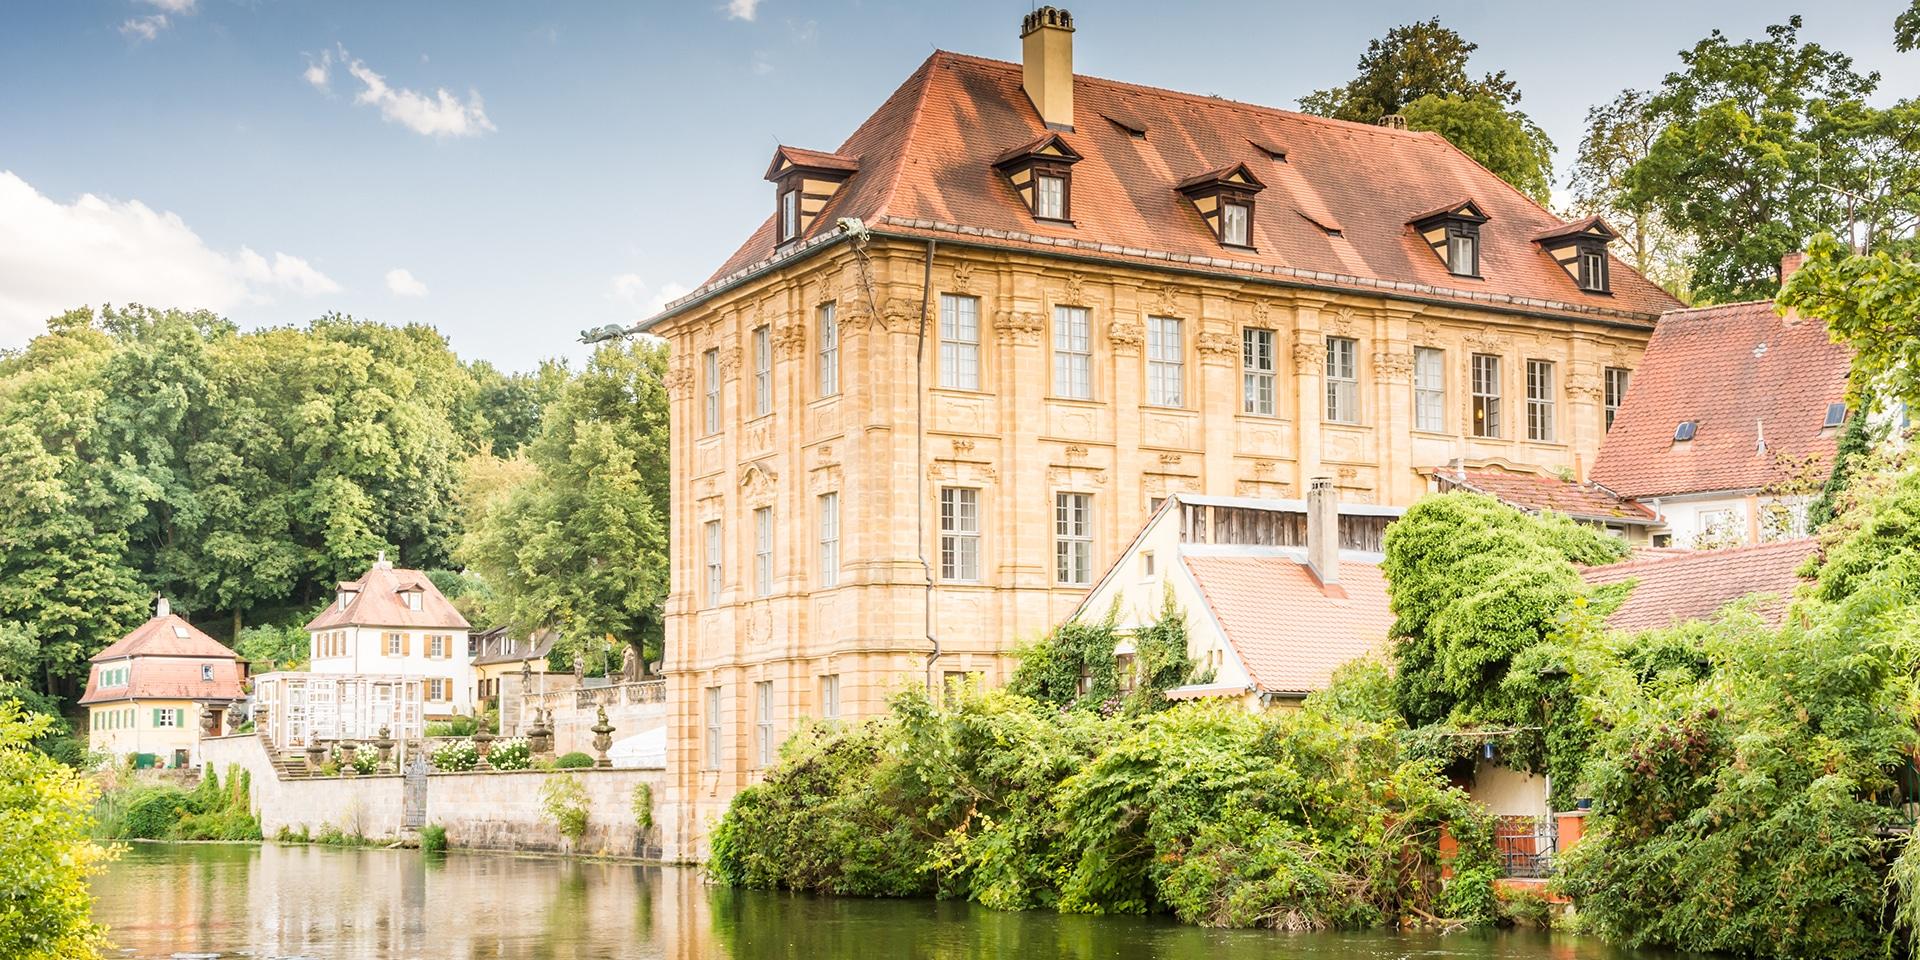 wasserschloss concordia bamberg - Wasserschloss Concordia